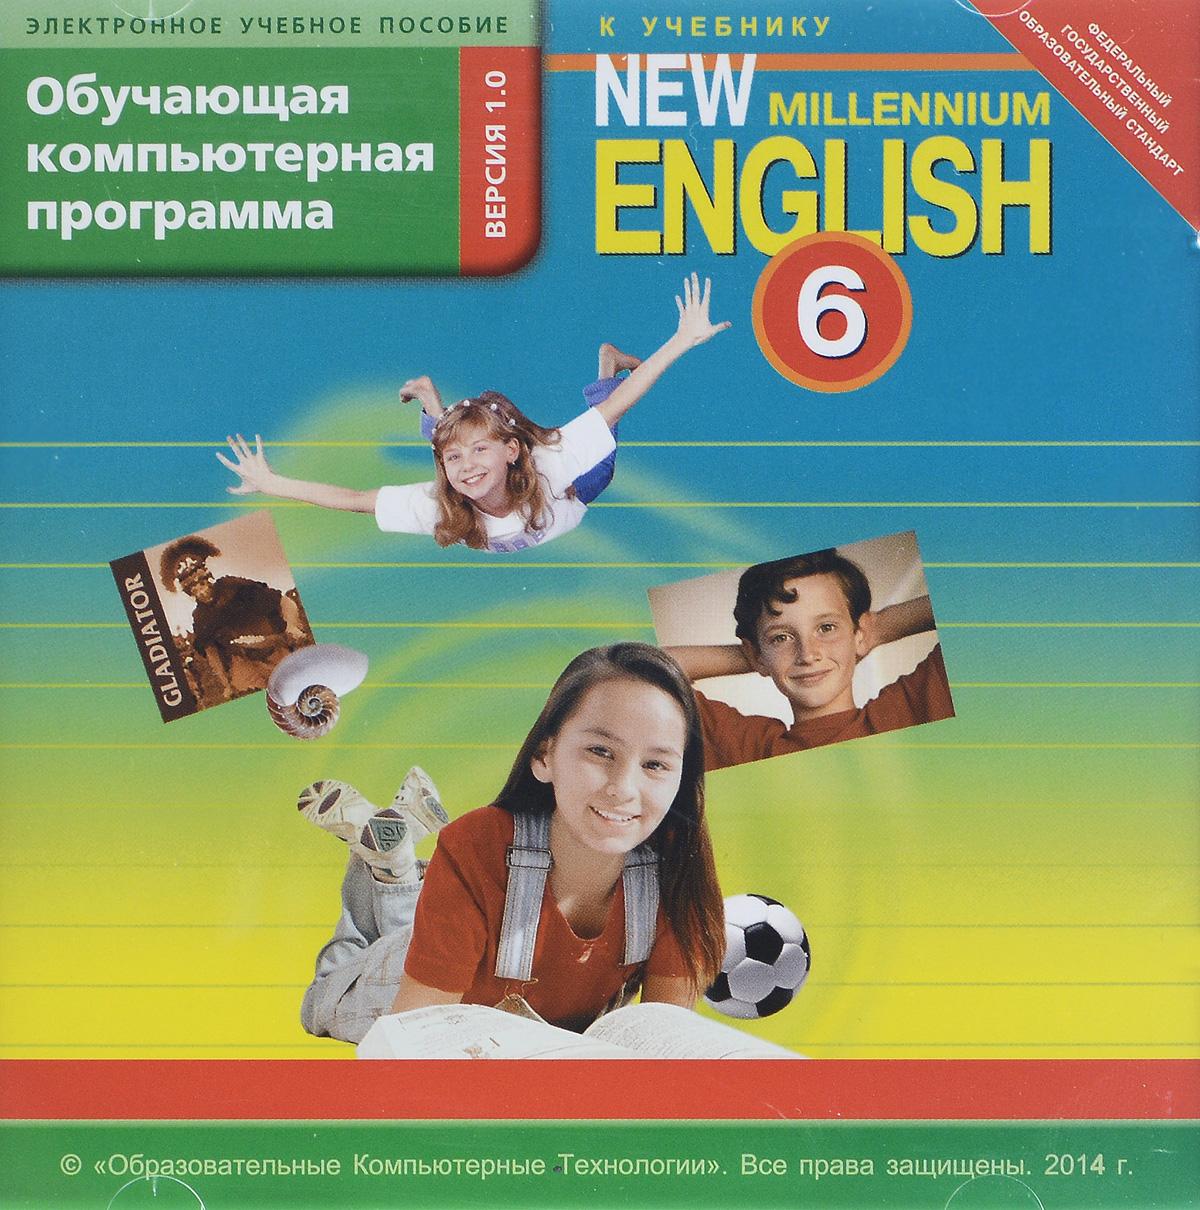 New Millennium English 6 / Английский язык нового тысячелетия. 6 класс. Обучающая компьютерная программа new millennium english 7 английский язык нового тысячелетия 7 класс обучающая компьютерная программа